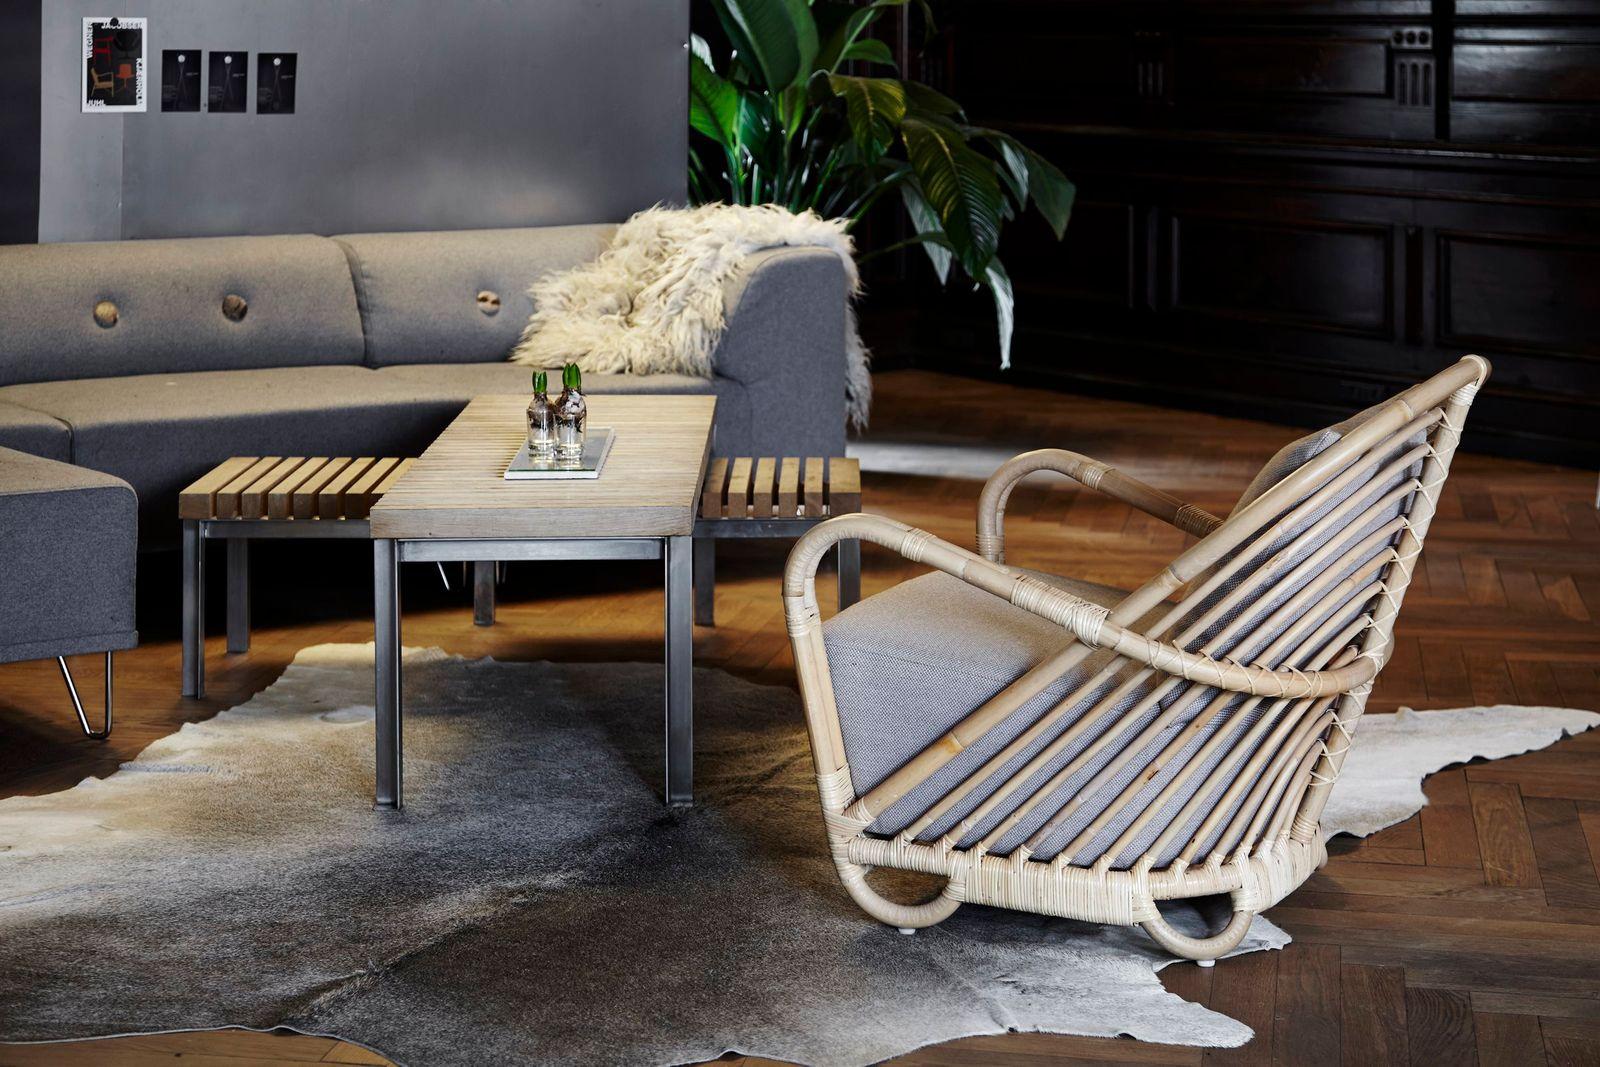 sika design rattan sessel charlottenborg design by arne jacobsen. Black Bedroom Furniture Sets. Home Design Ideas